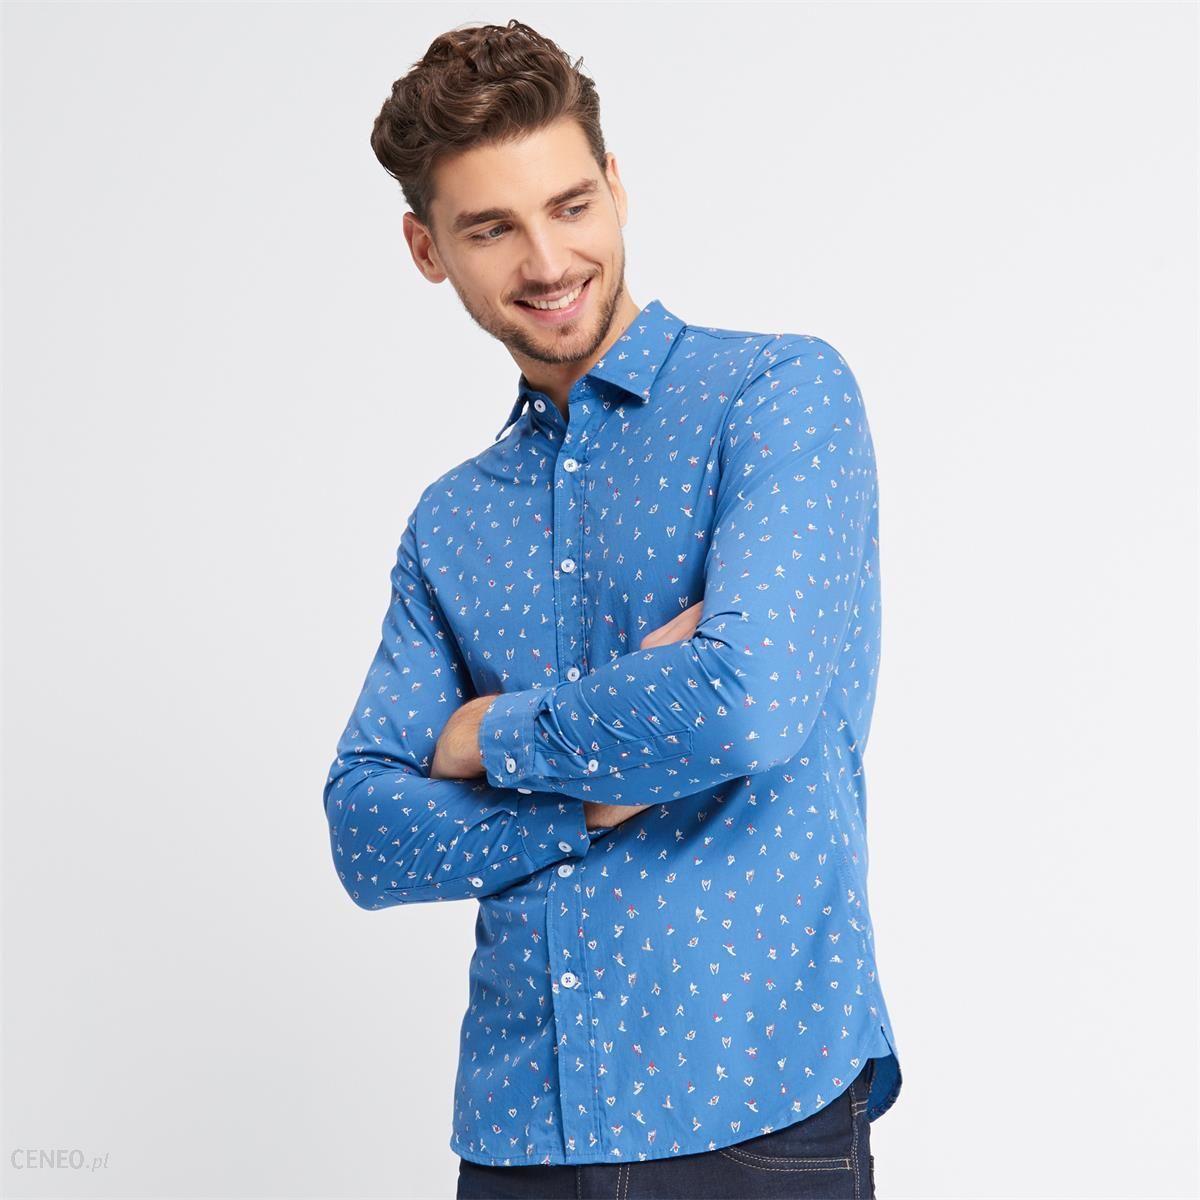 f38e7fb1deab Reserved - Koszula w świąteczny wzór - Niebieski - męska - Ceny i ...